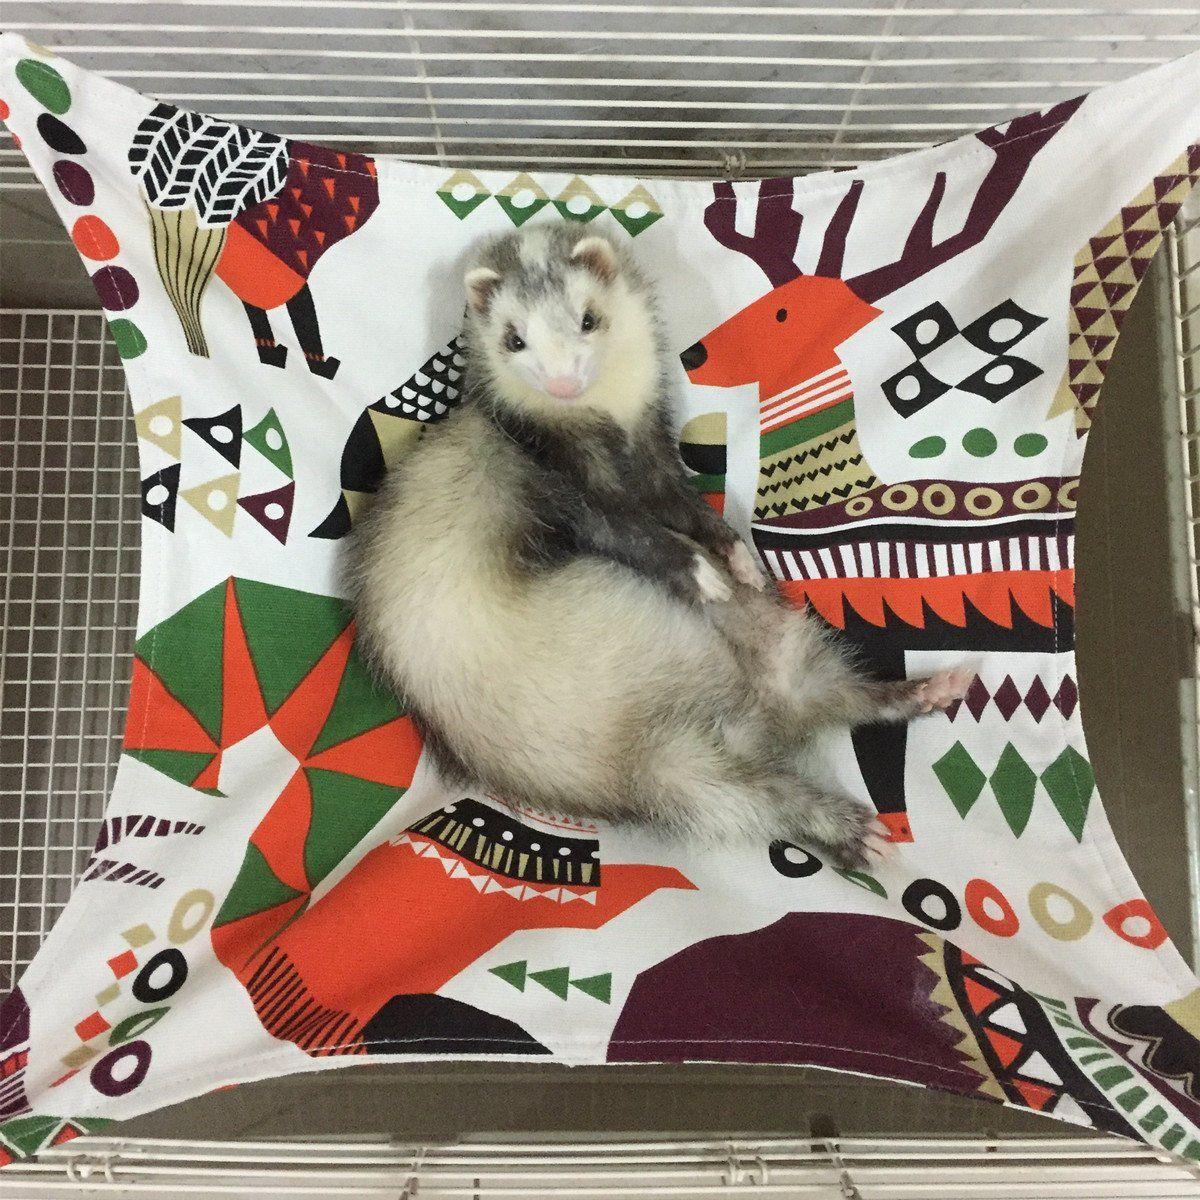 Ferret Hammocks Bed For Cage Hammock For Small Pet Kitten Ferret